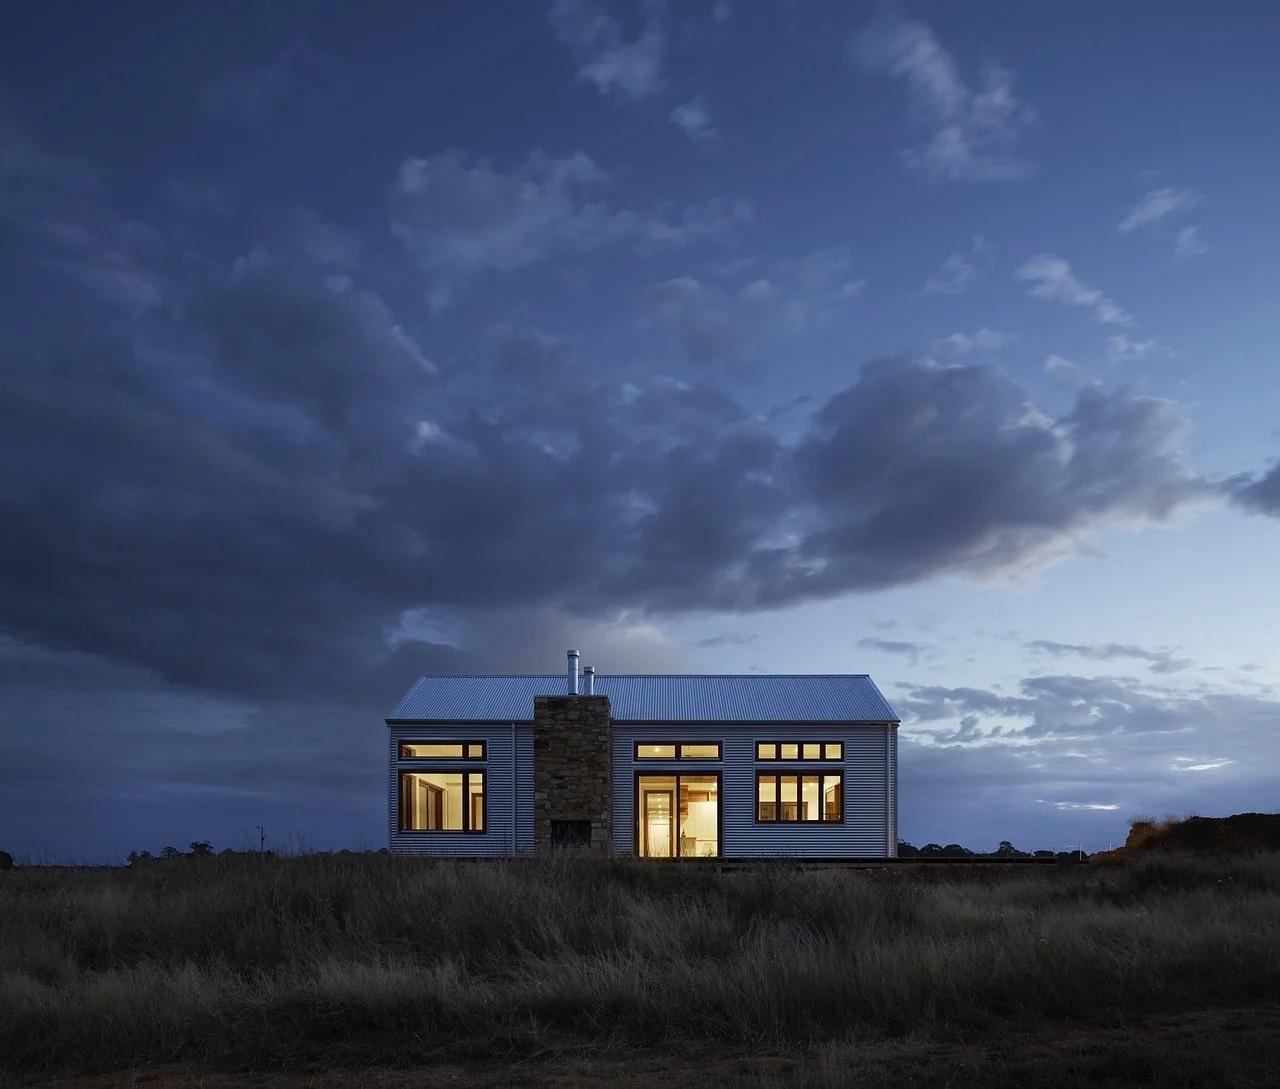 Domek v noci